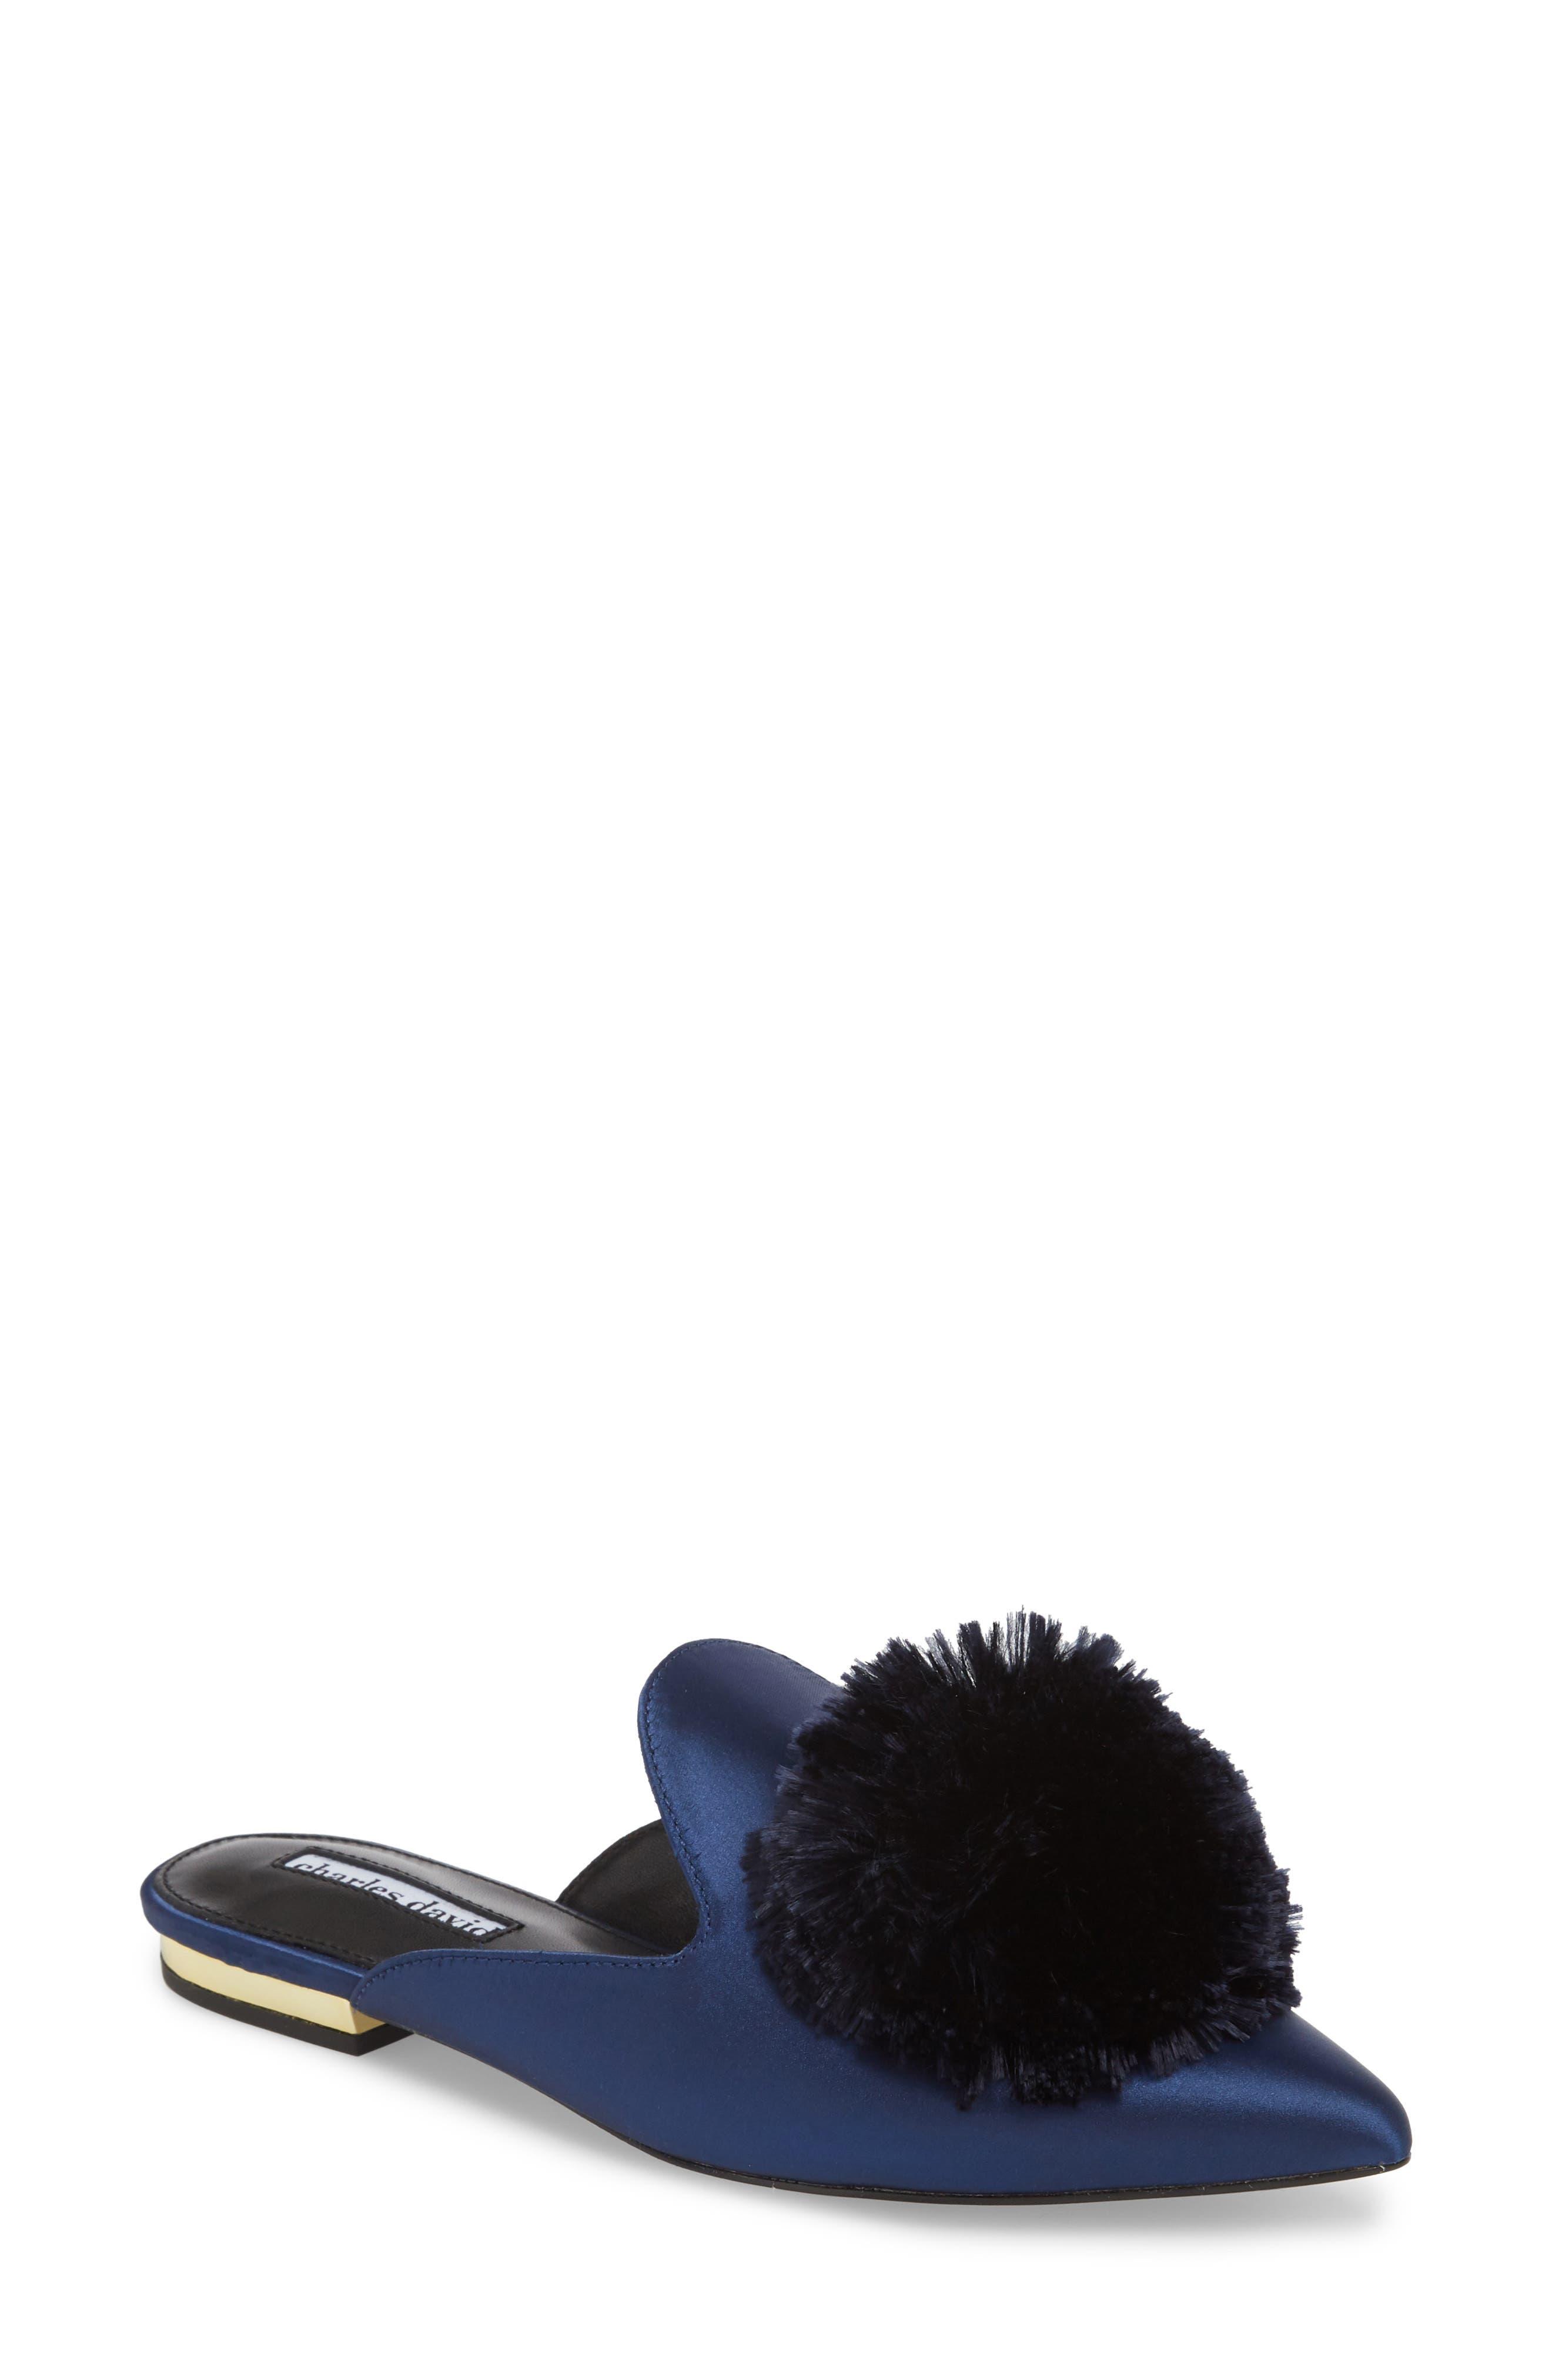 Charles David Wella Pompom Loafer Mule- Blue